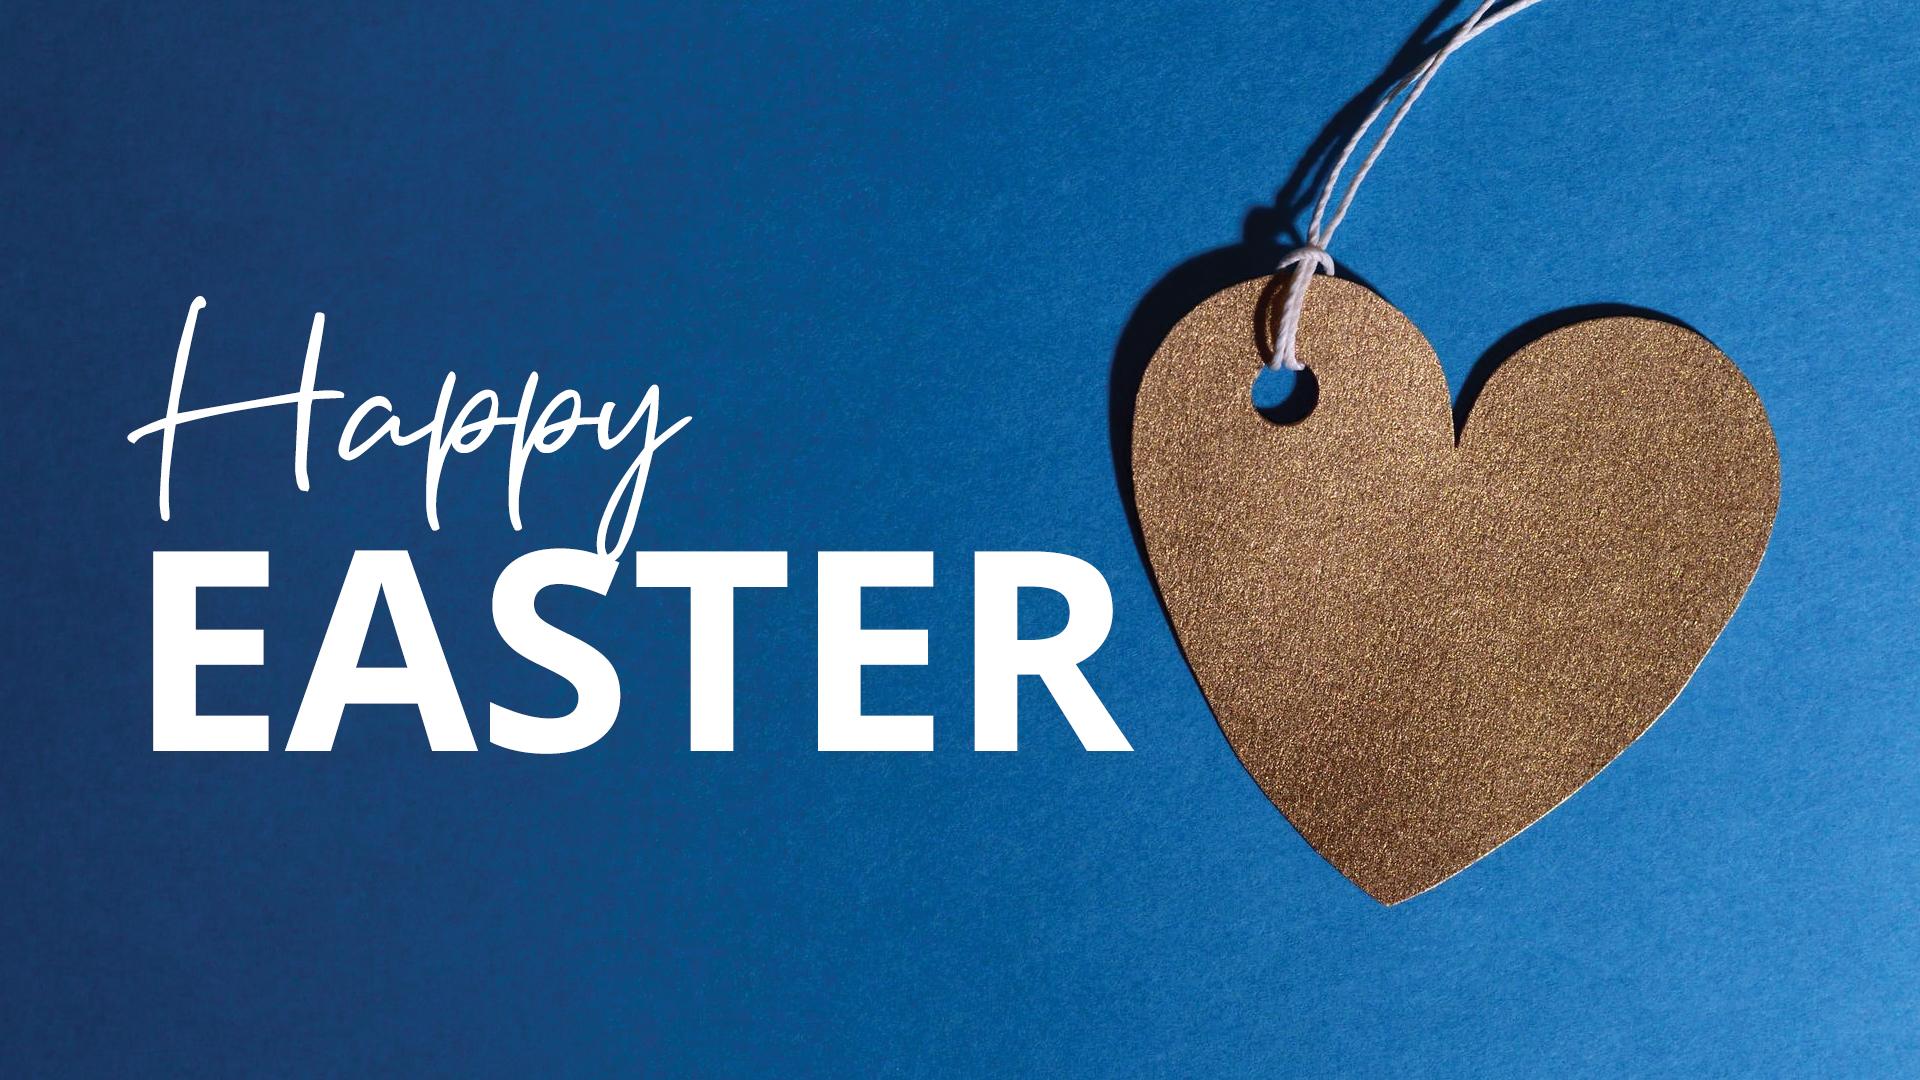 Happy_Easter_Website